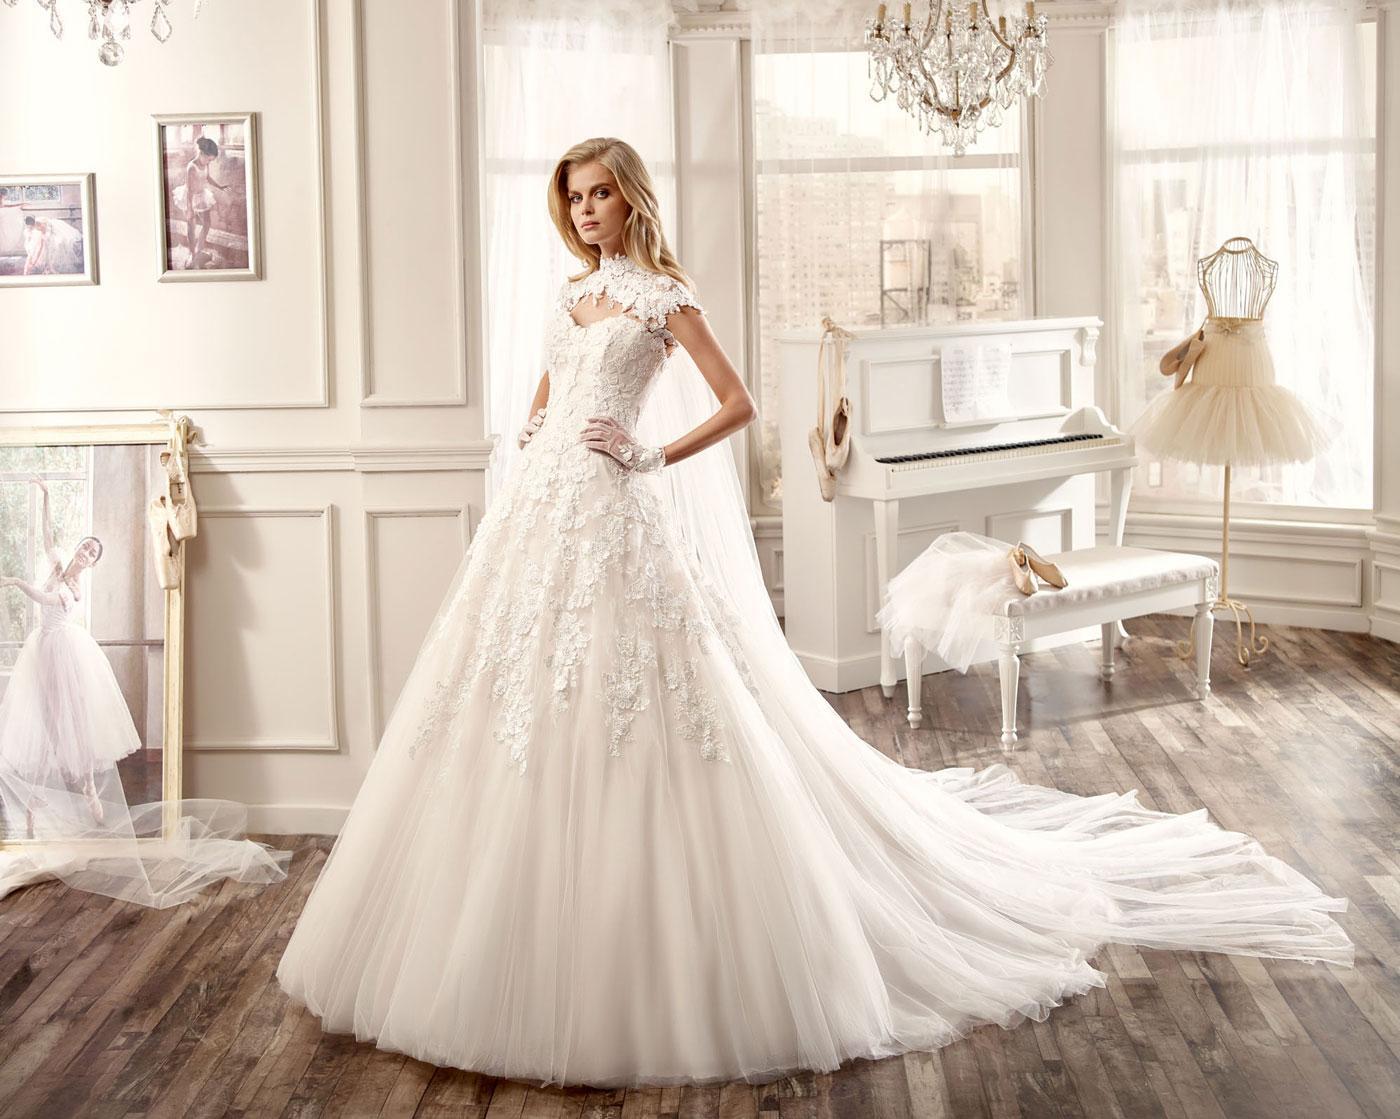 Estremamente Nicole Spose collezione 2016 abiti sposa10 | ABITI DA SPOSA BA31